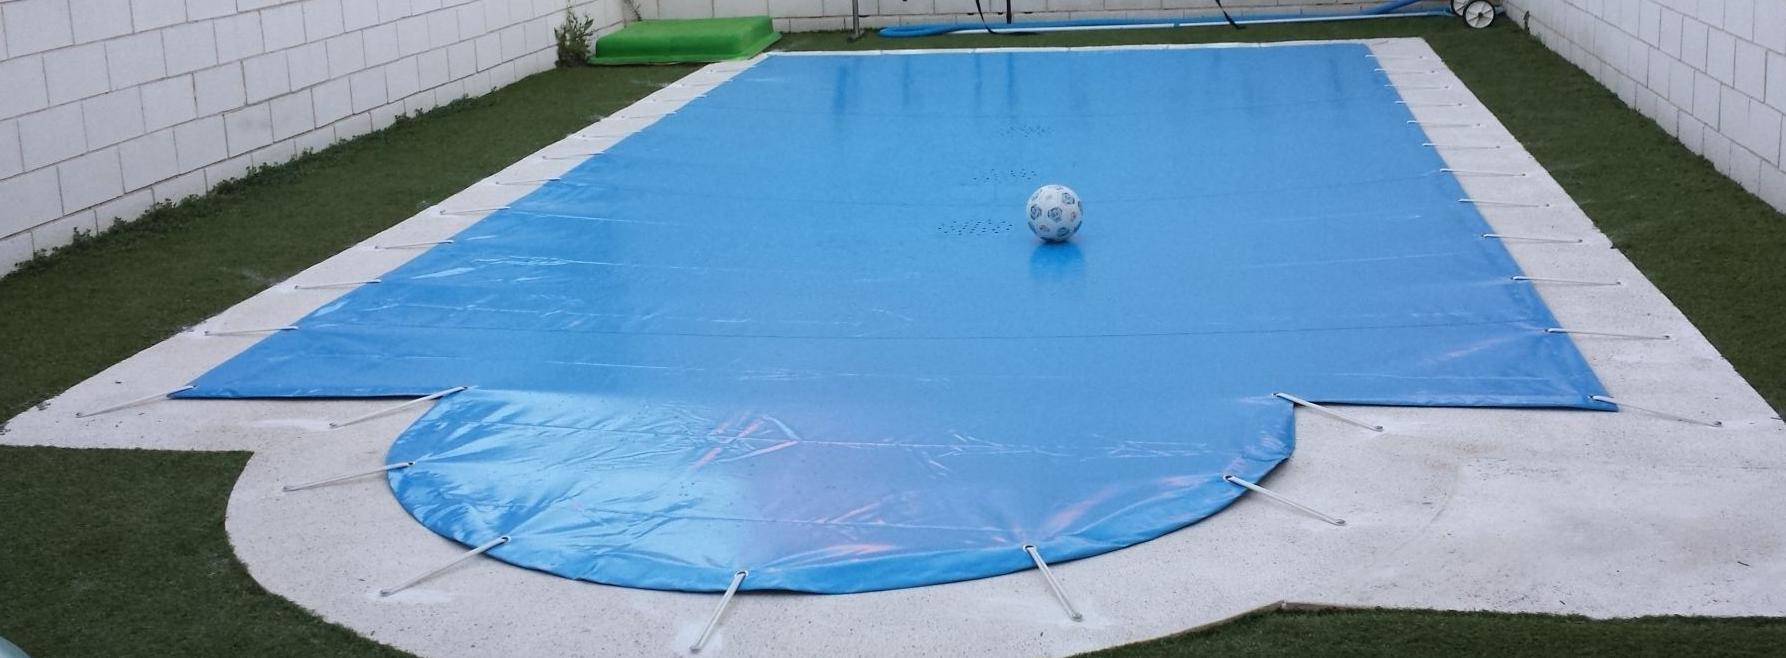 Lona invierno cat logo de piscinas lualpool - Catalogo de piscinas ...